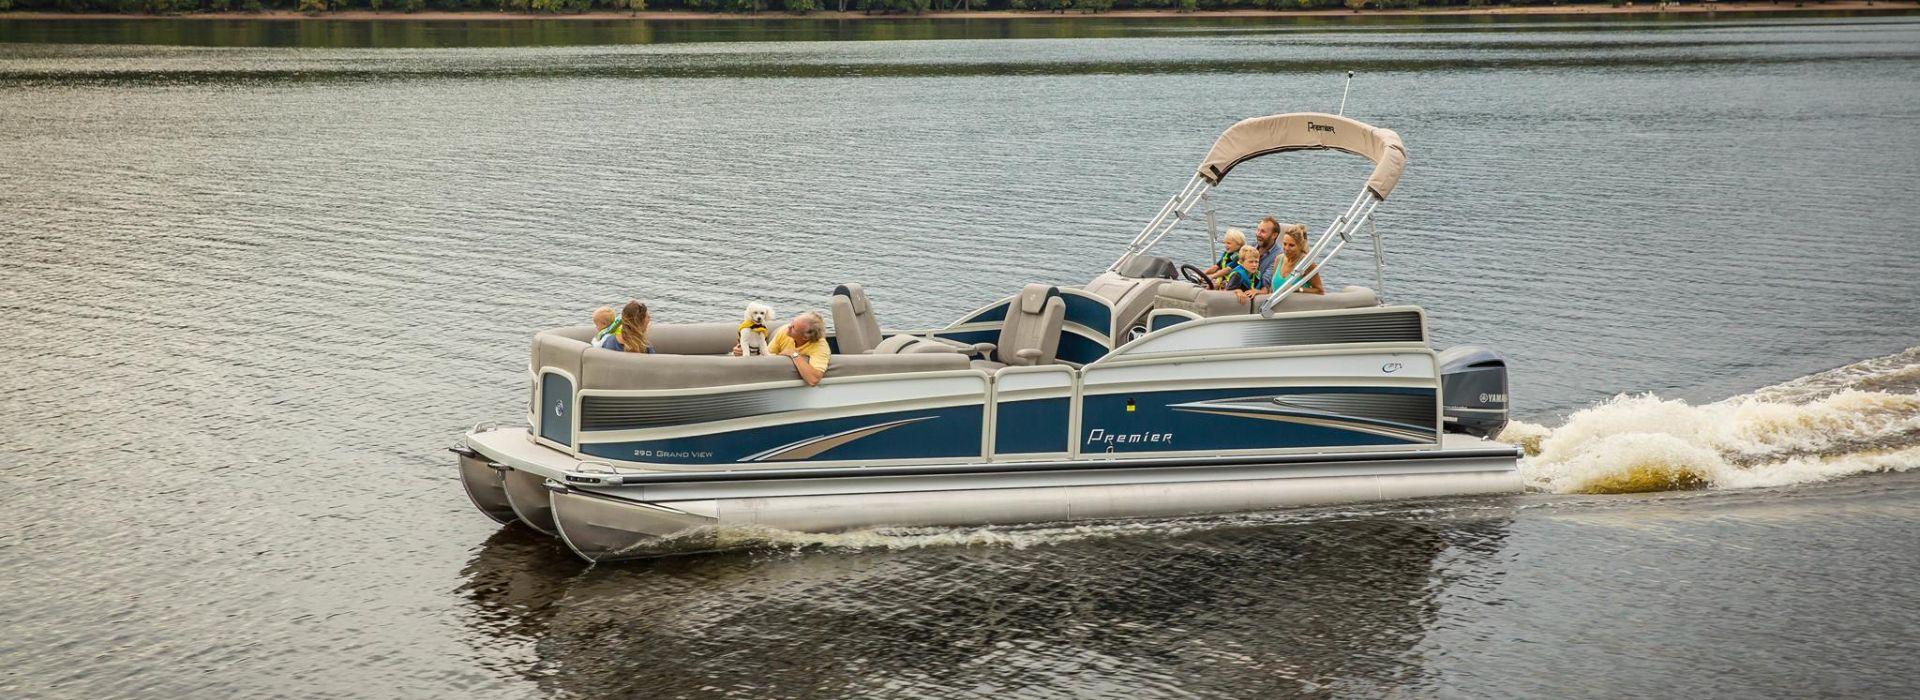 Premier Ski Fishing Pontoon Boat Dealer In South Florida